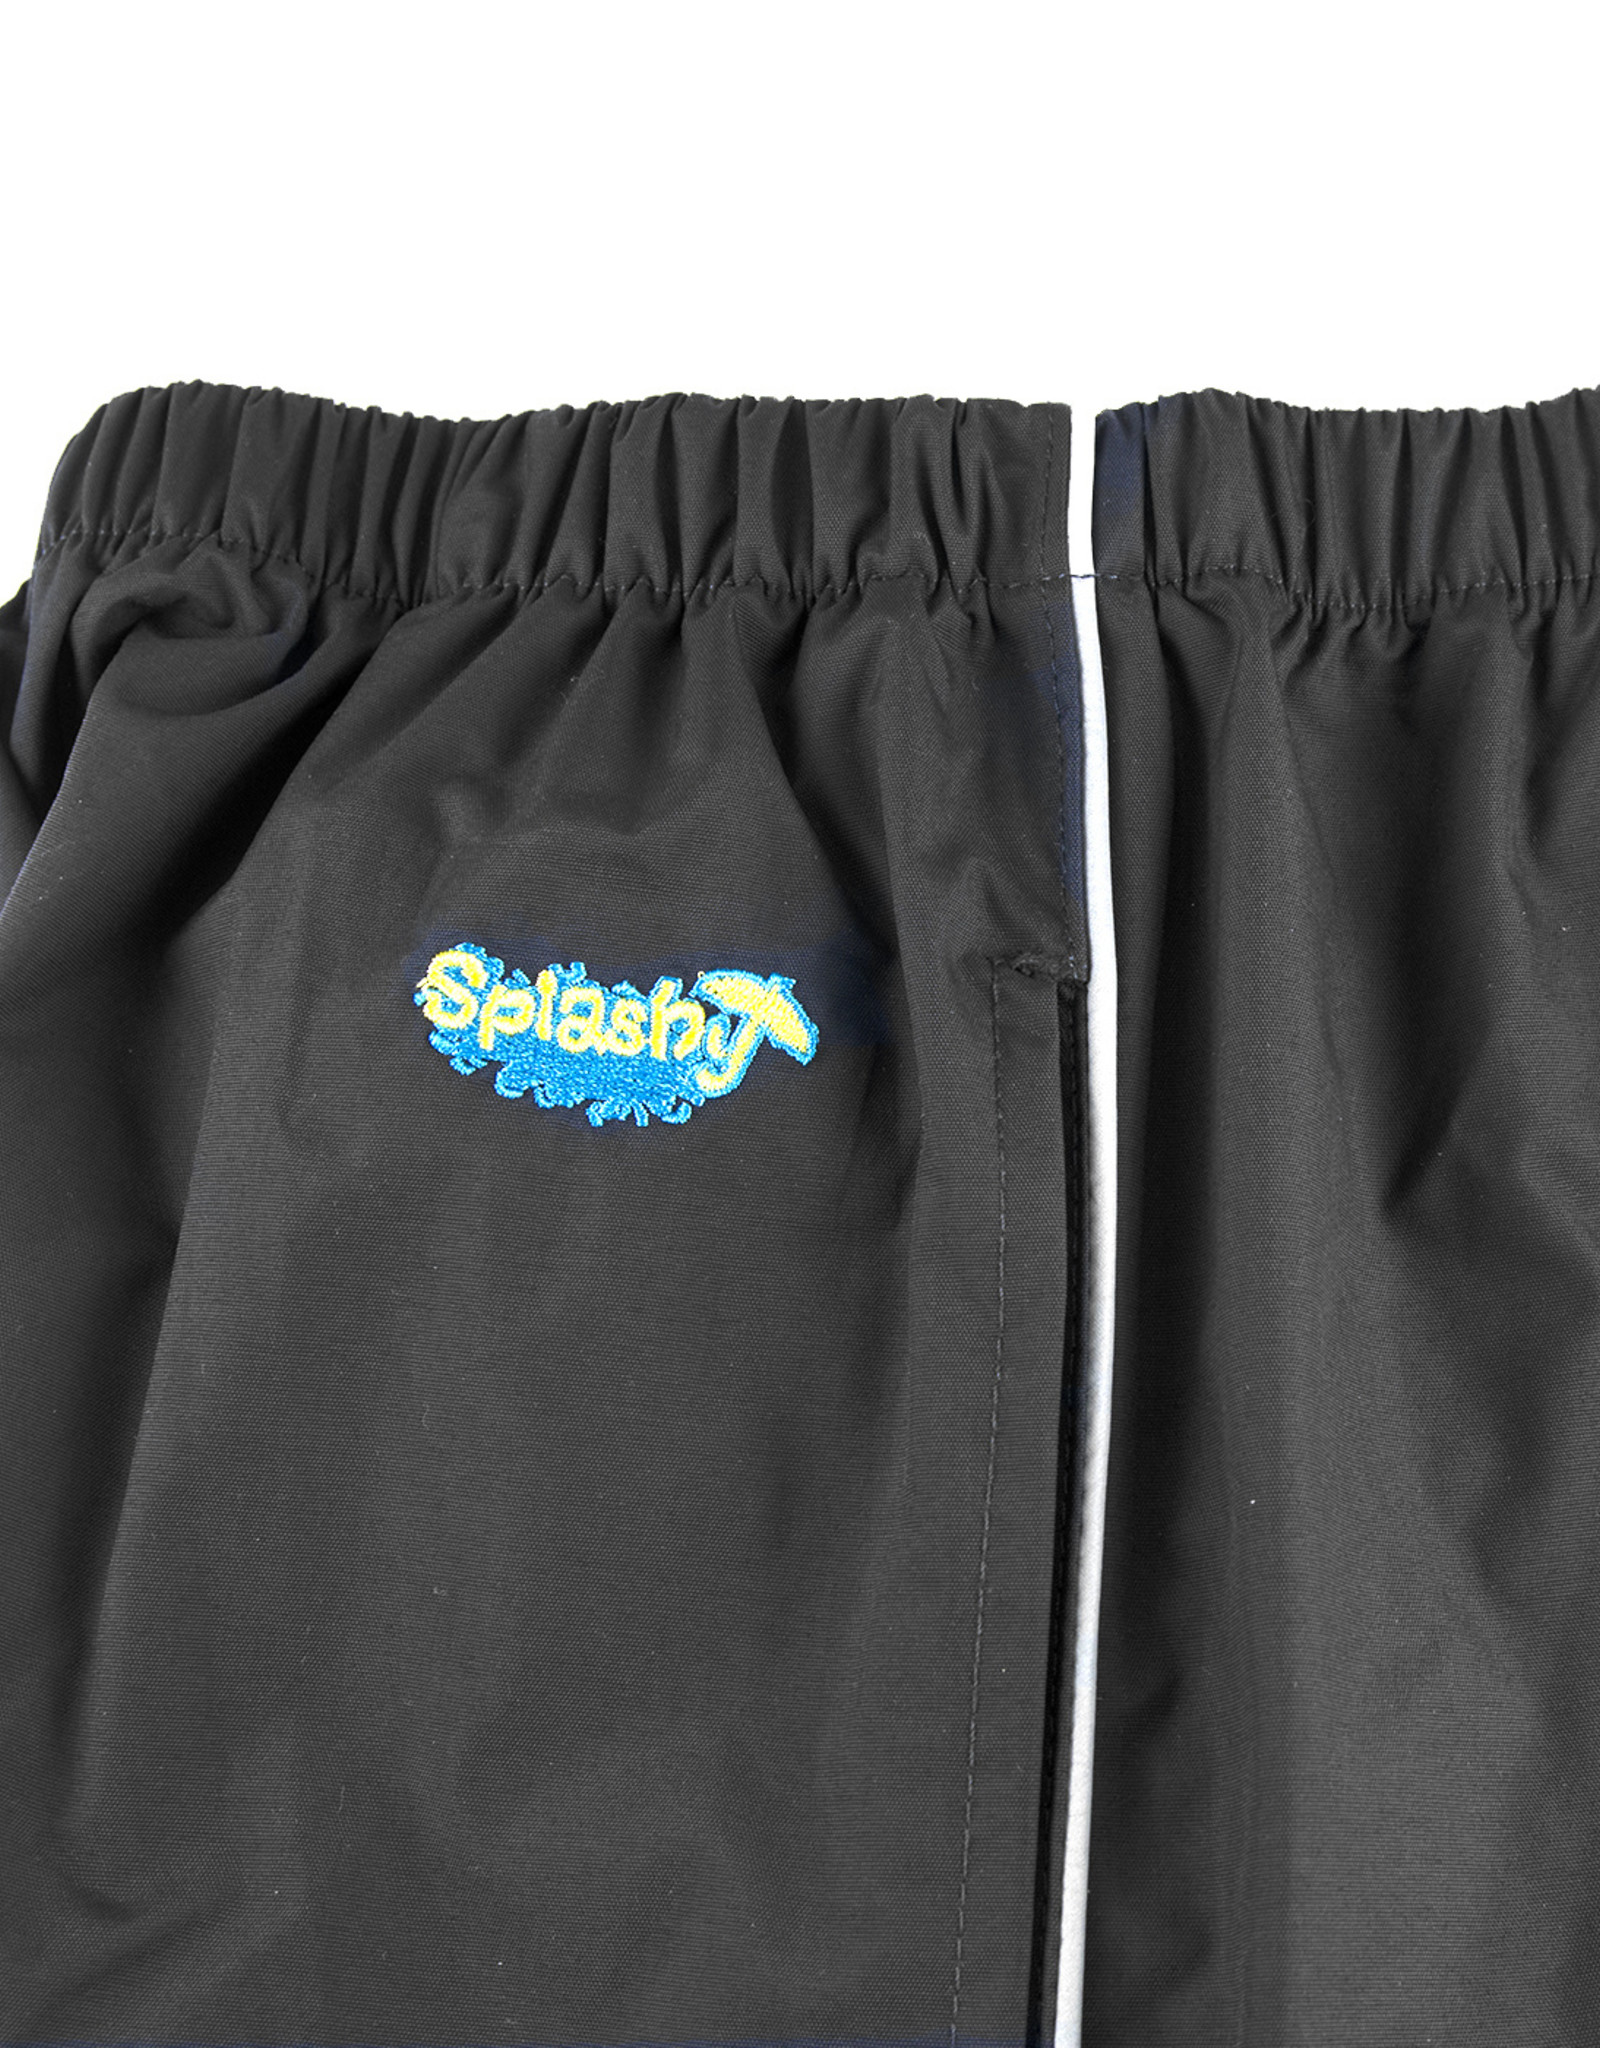 Splashy Boys/5-6/Black/Splashpant